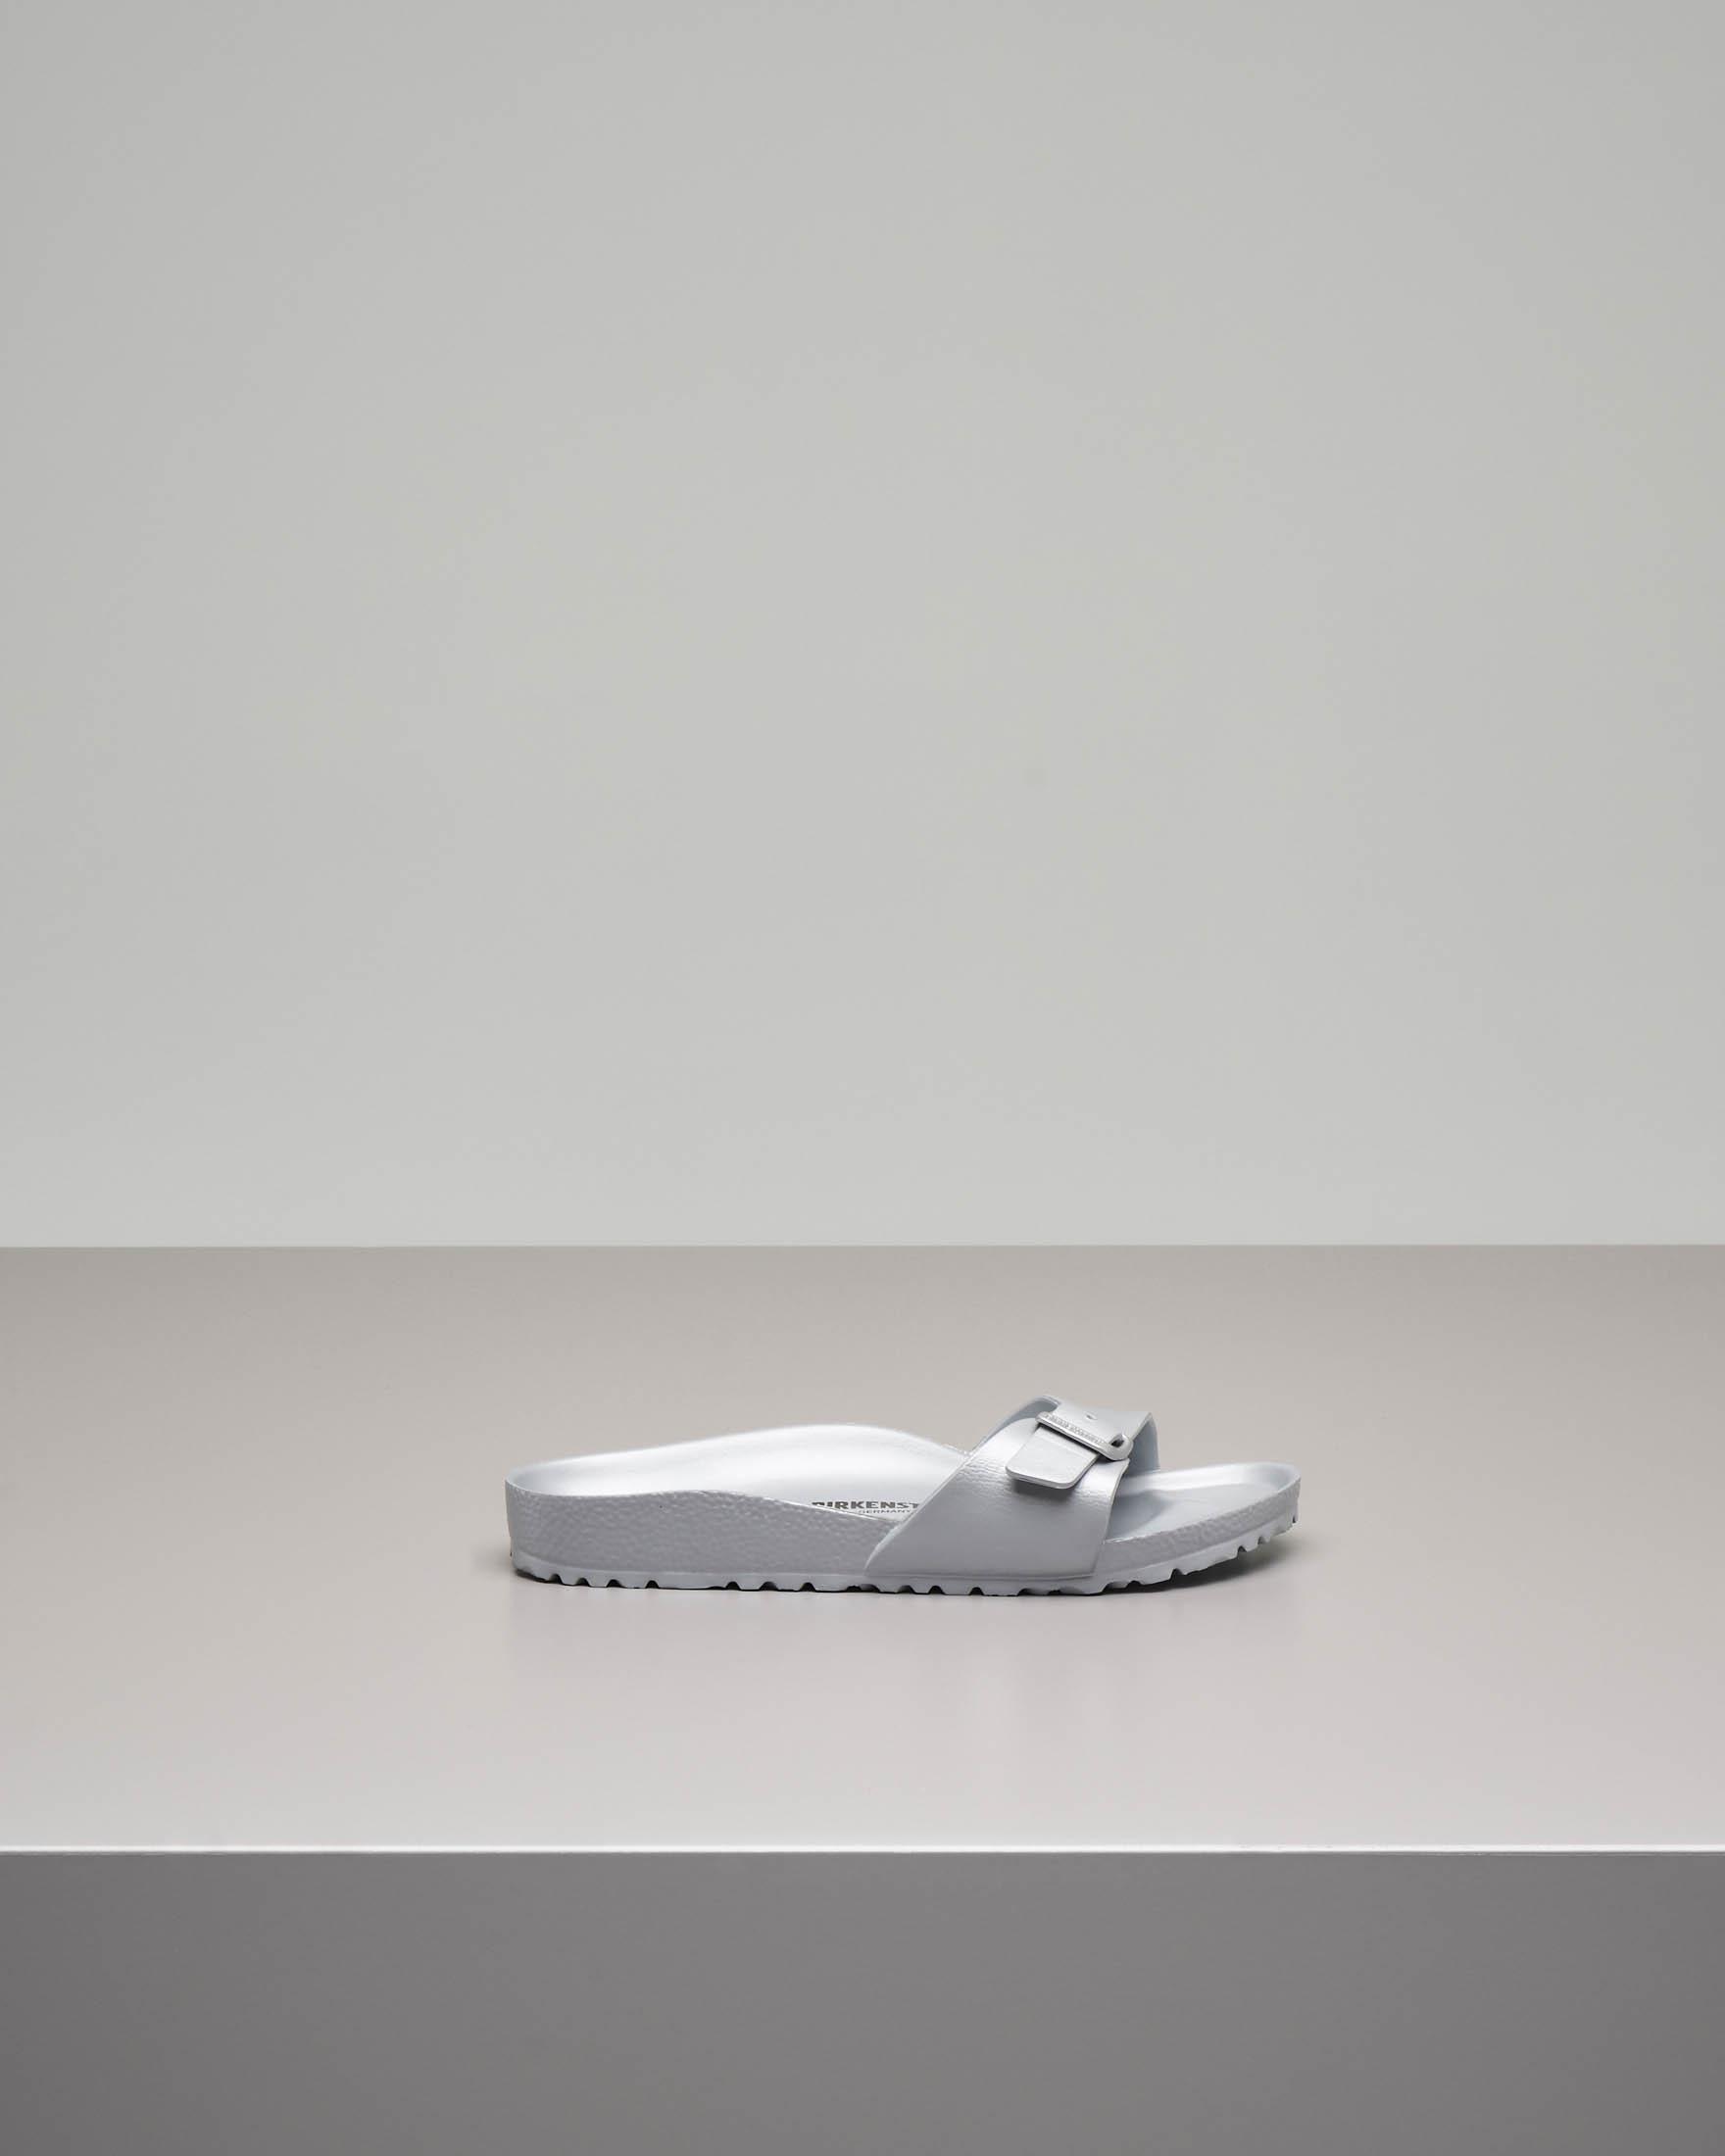 Sandalo Madrid in EVA grigio con fascetta e fibbia tono su tono